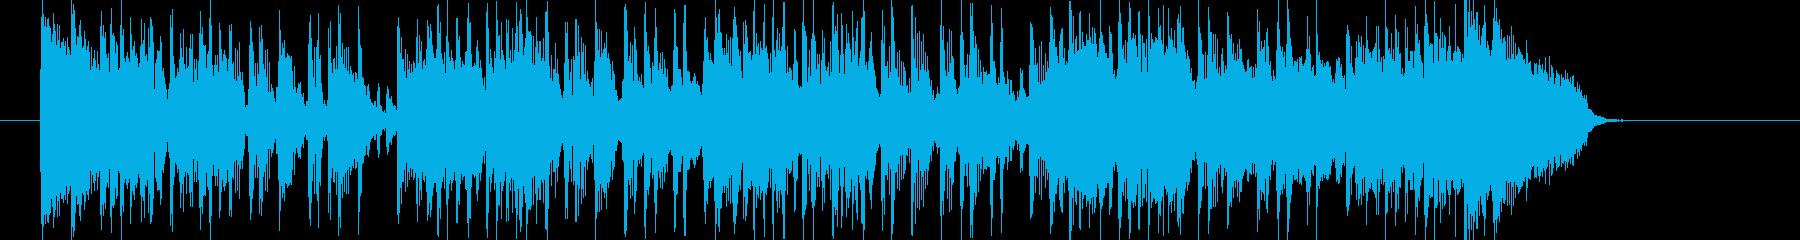 激しくノリが良いロックナンバーの再生済みの波形